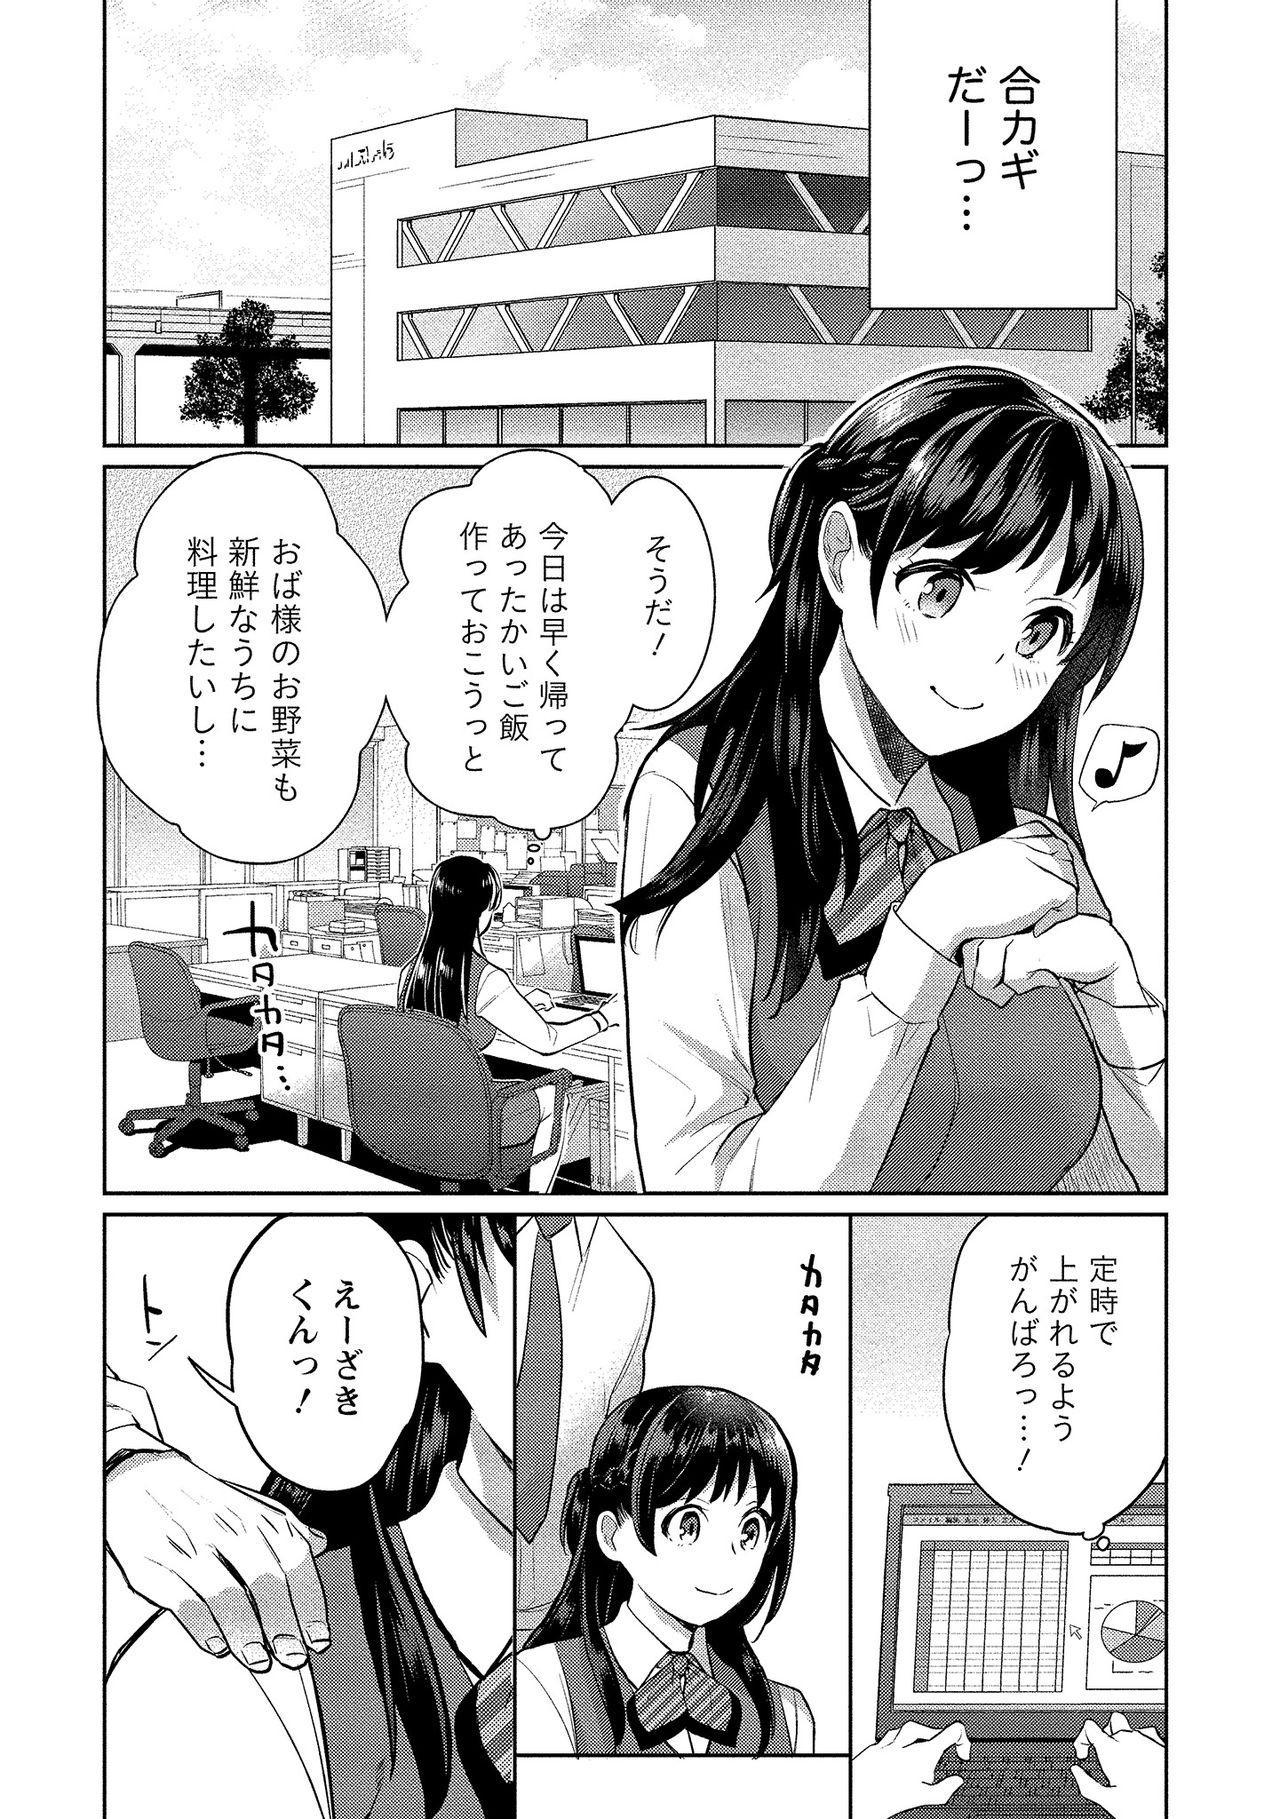 Dorobou Neko wa Kanojo no Hajimari 110